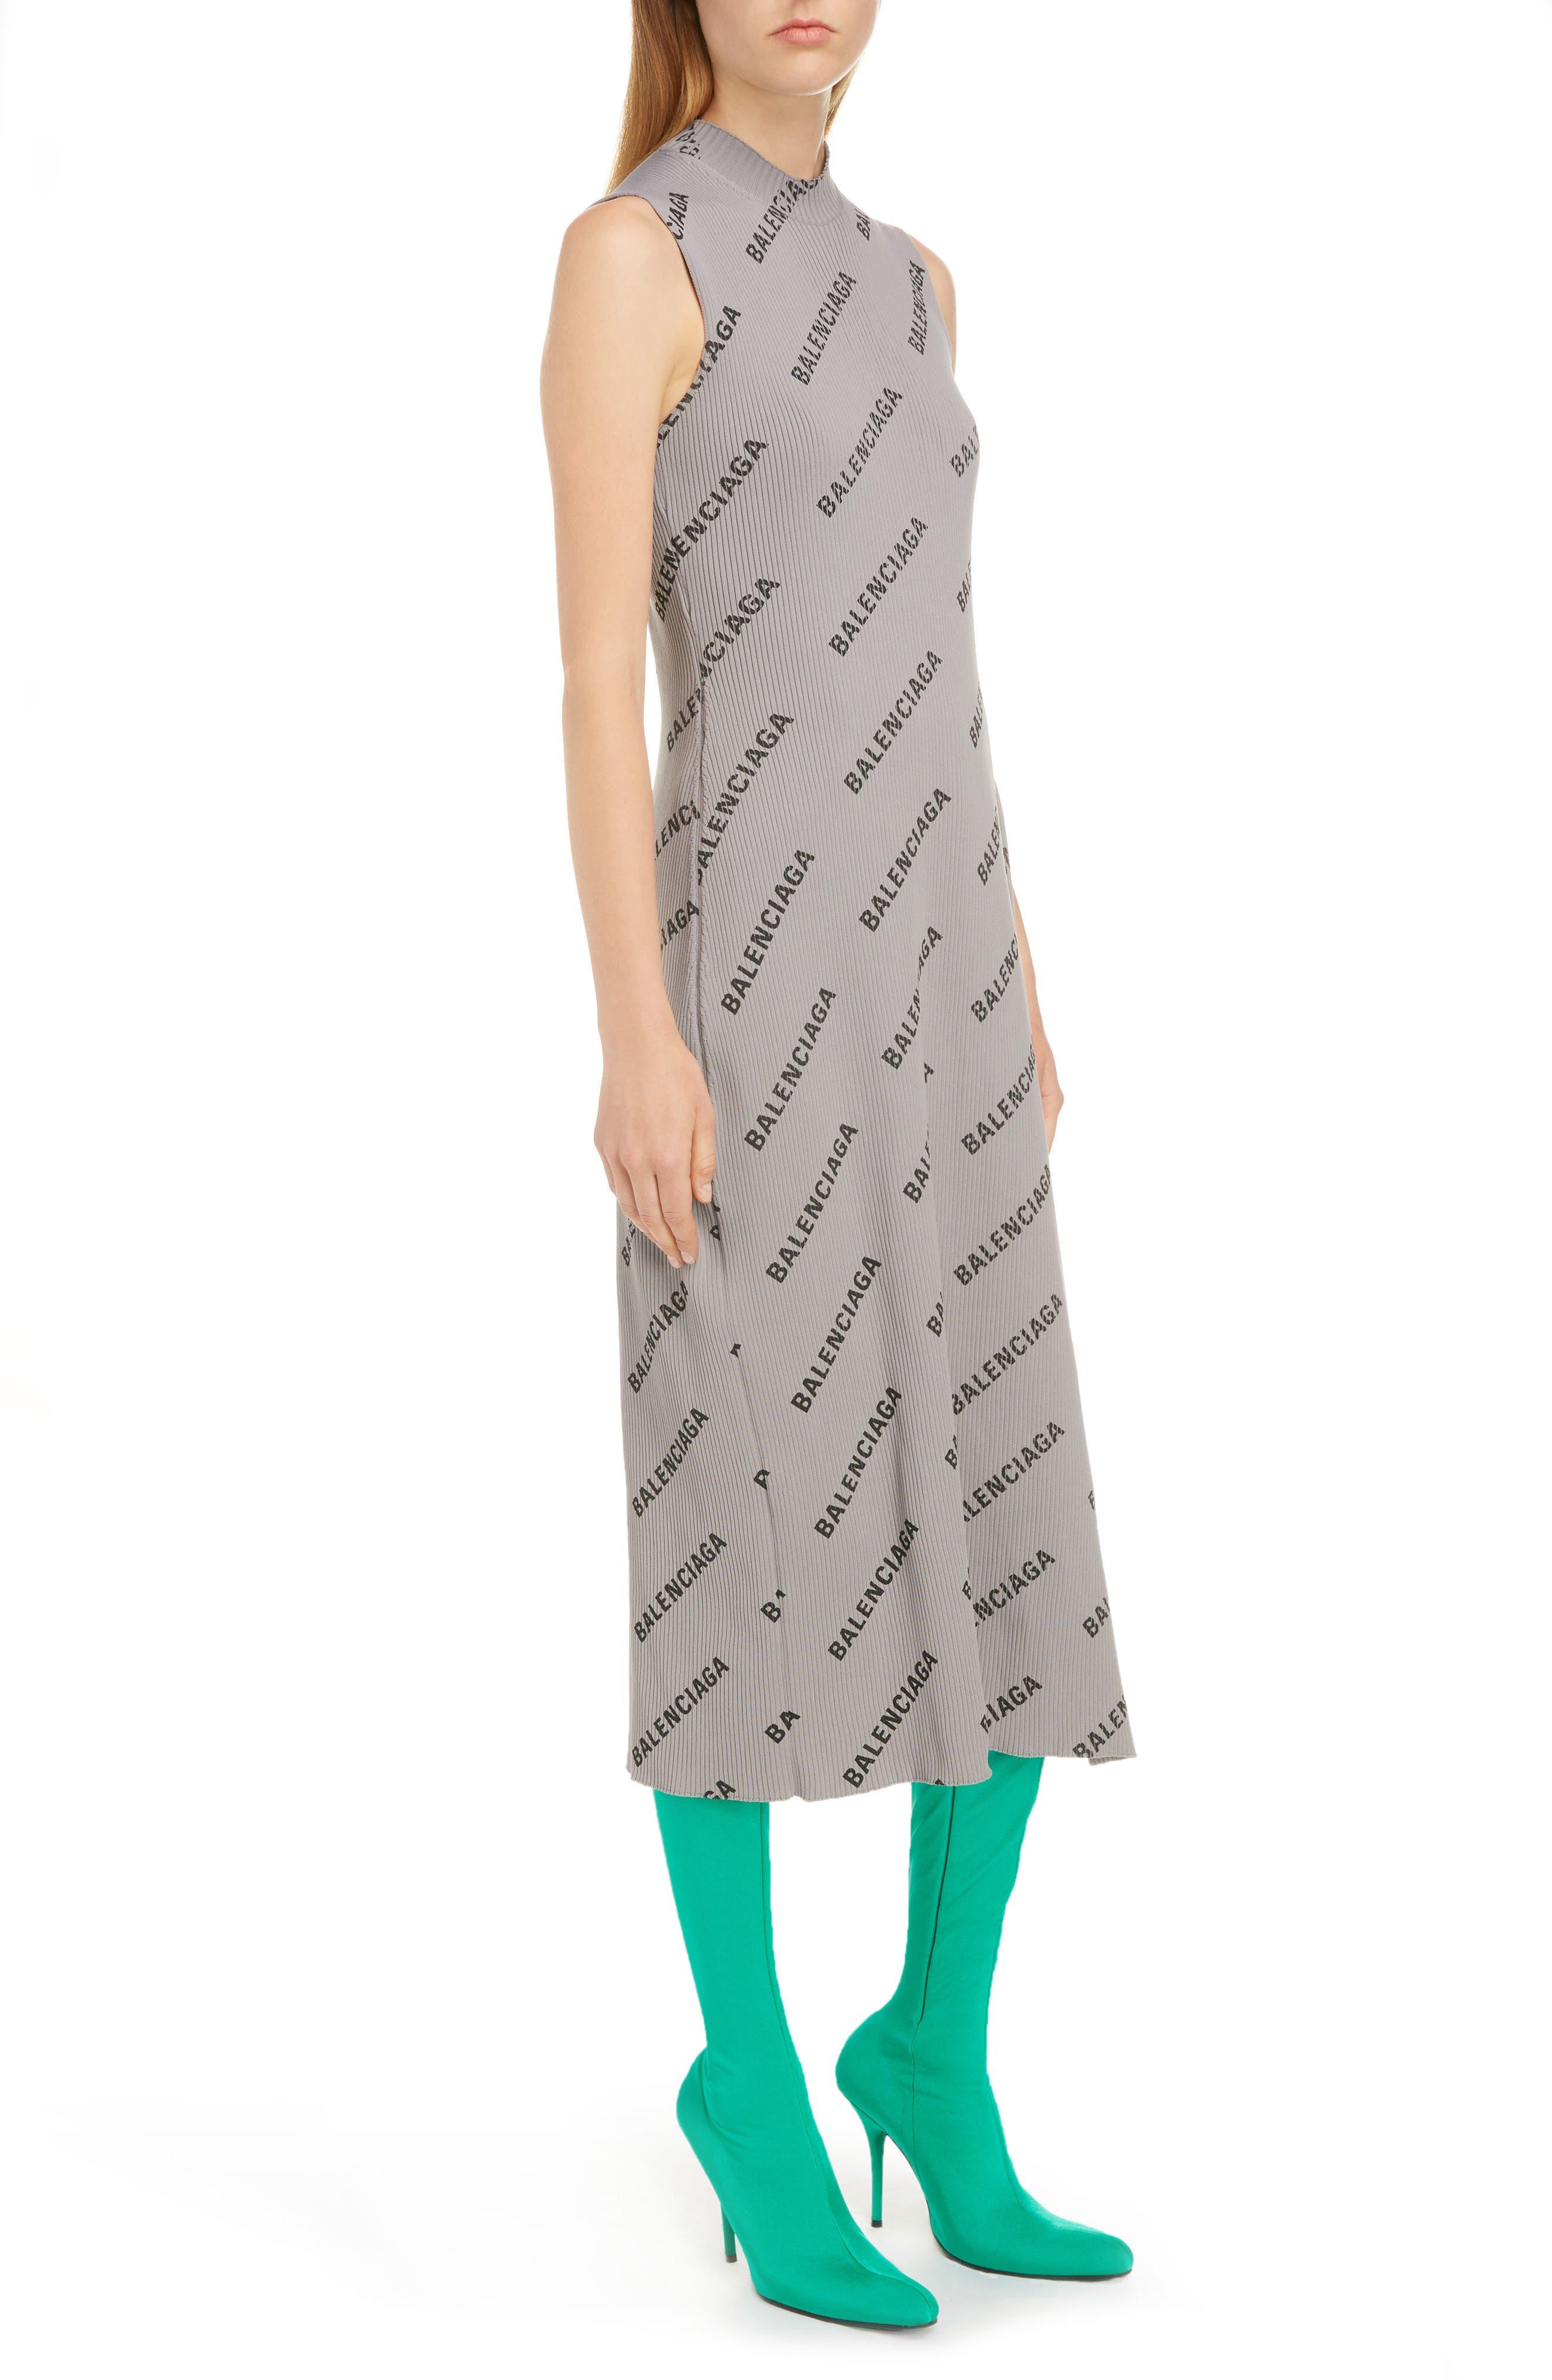 Balenciaga Logo Print Rib Knit Wrap Dress, Metallic